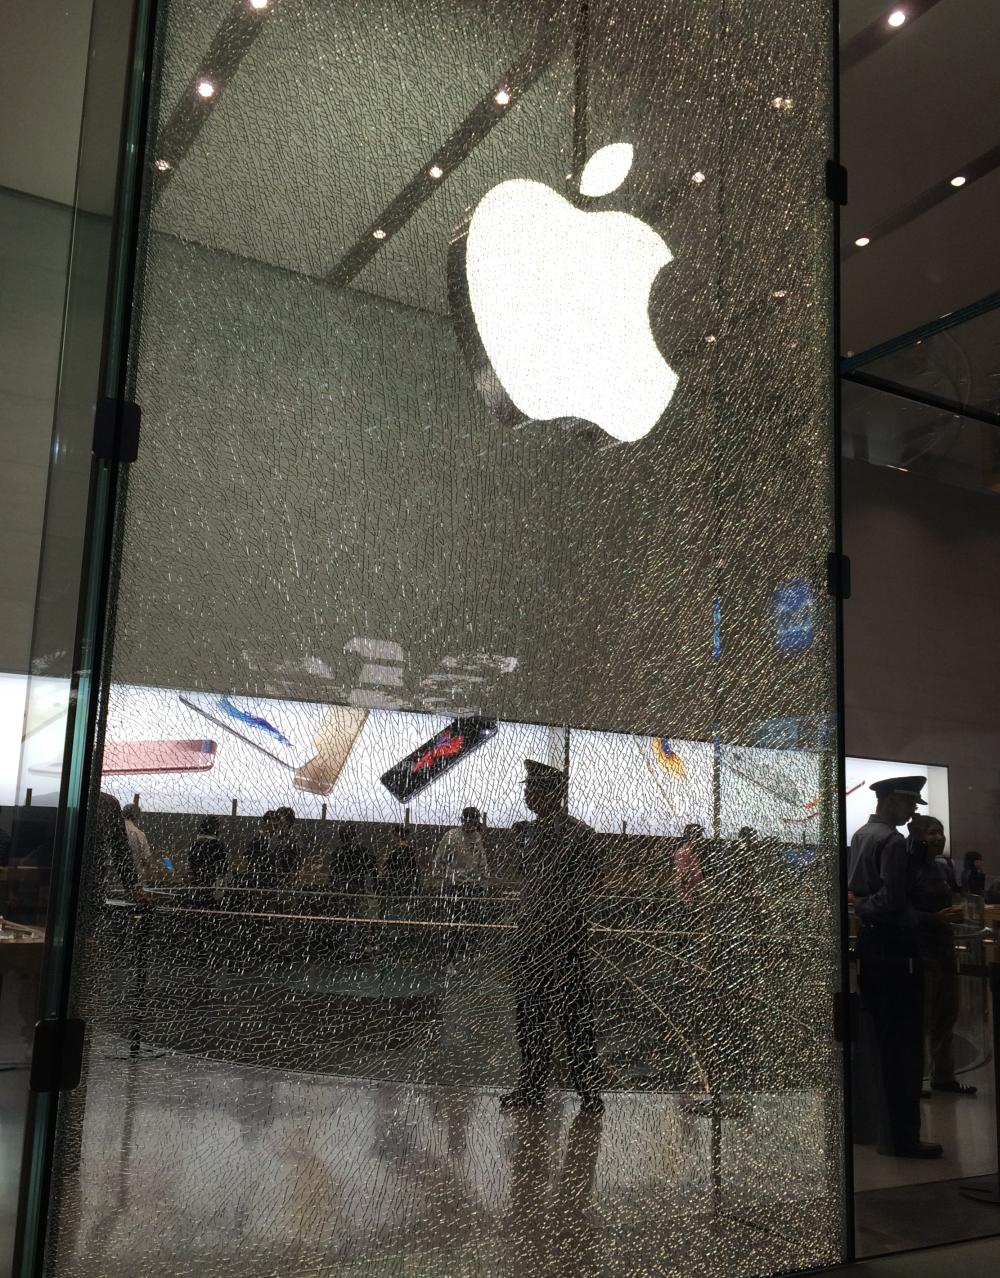 Apple Watchの強靱さが実証される。巨大ガラスを粉々にするもApple Watchは傷ひとつなし! - Engadget Japanese